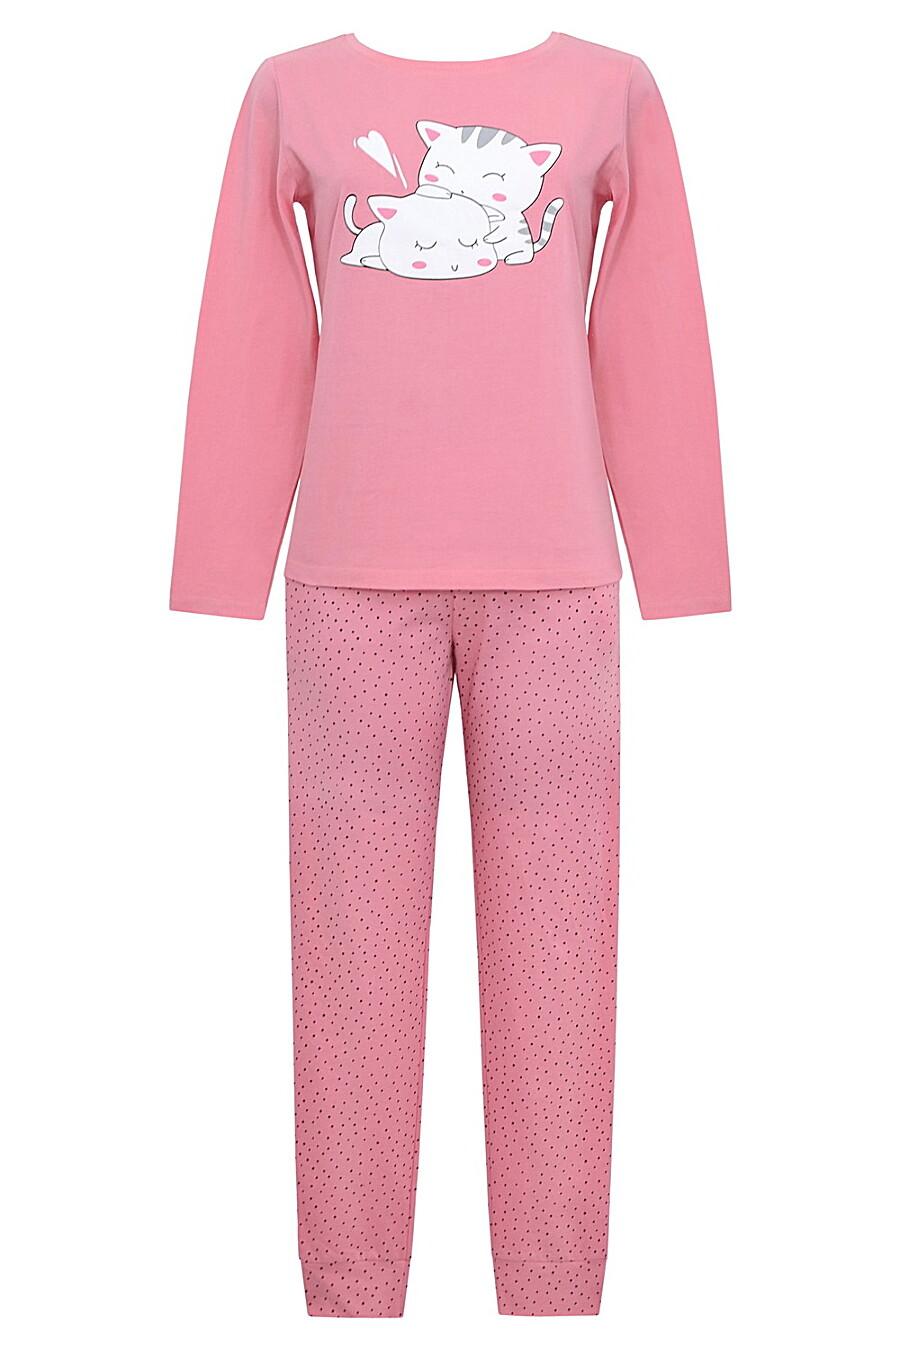 Комплект (Брюки+Джемпер) для женщин TRIKOZZA 121712 купить оптом от производителя. Совместная покупка женской одежды в OptMoyo